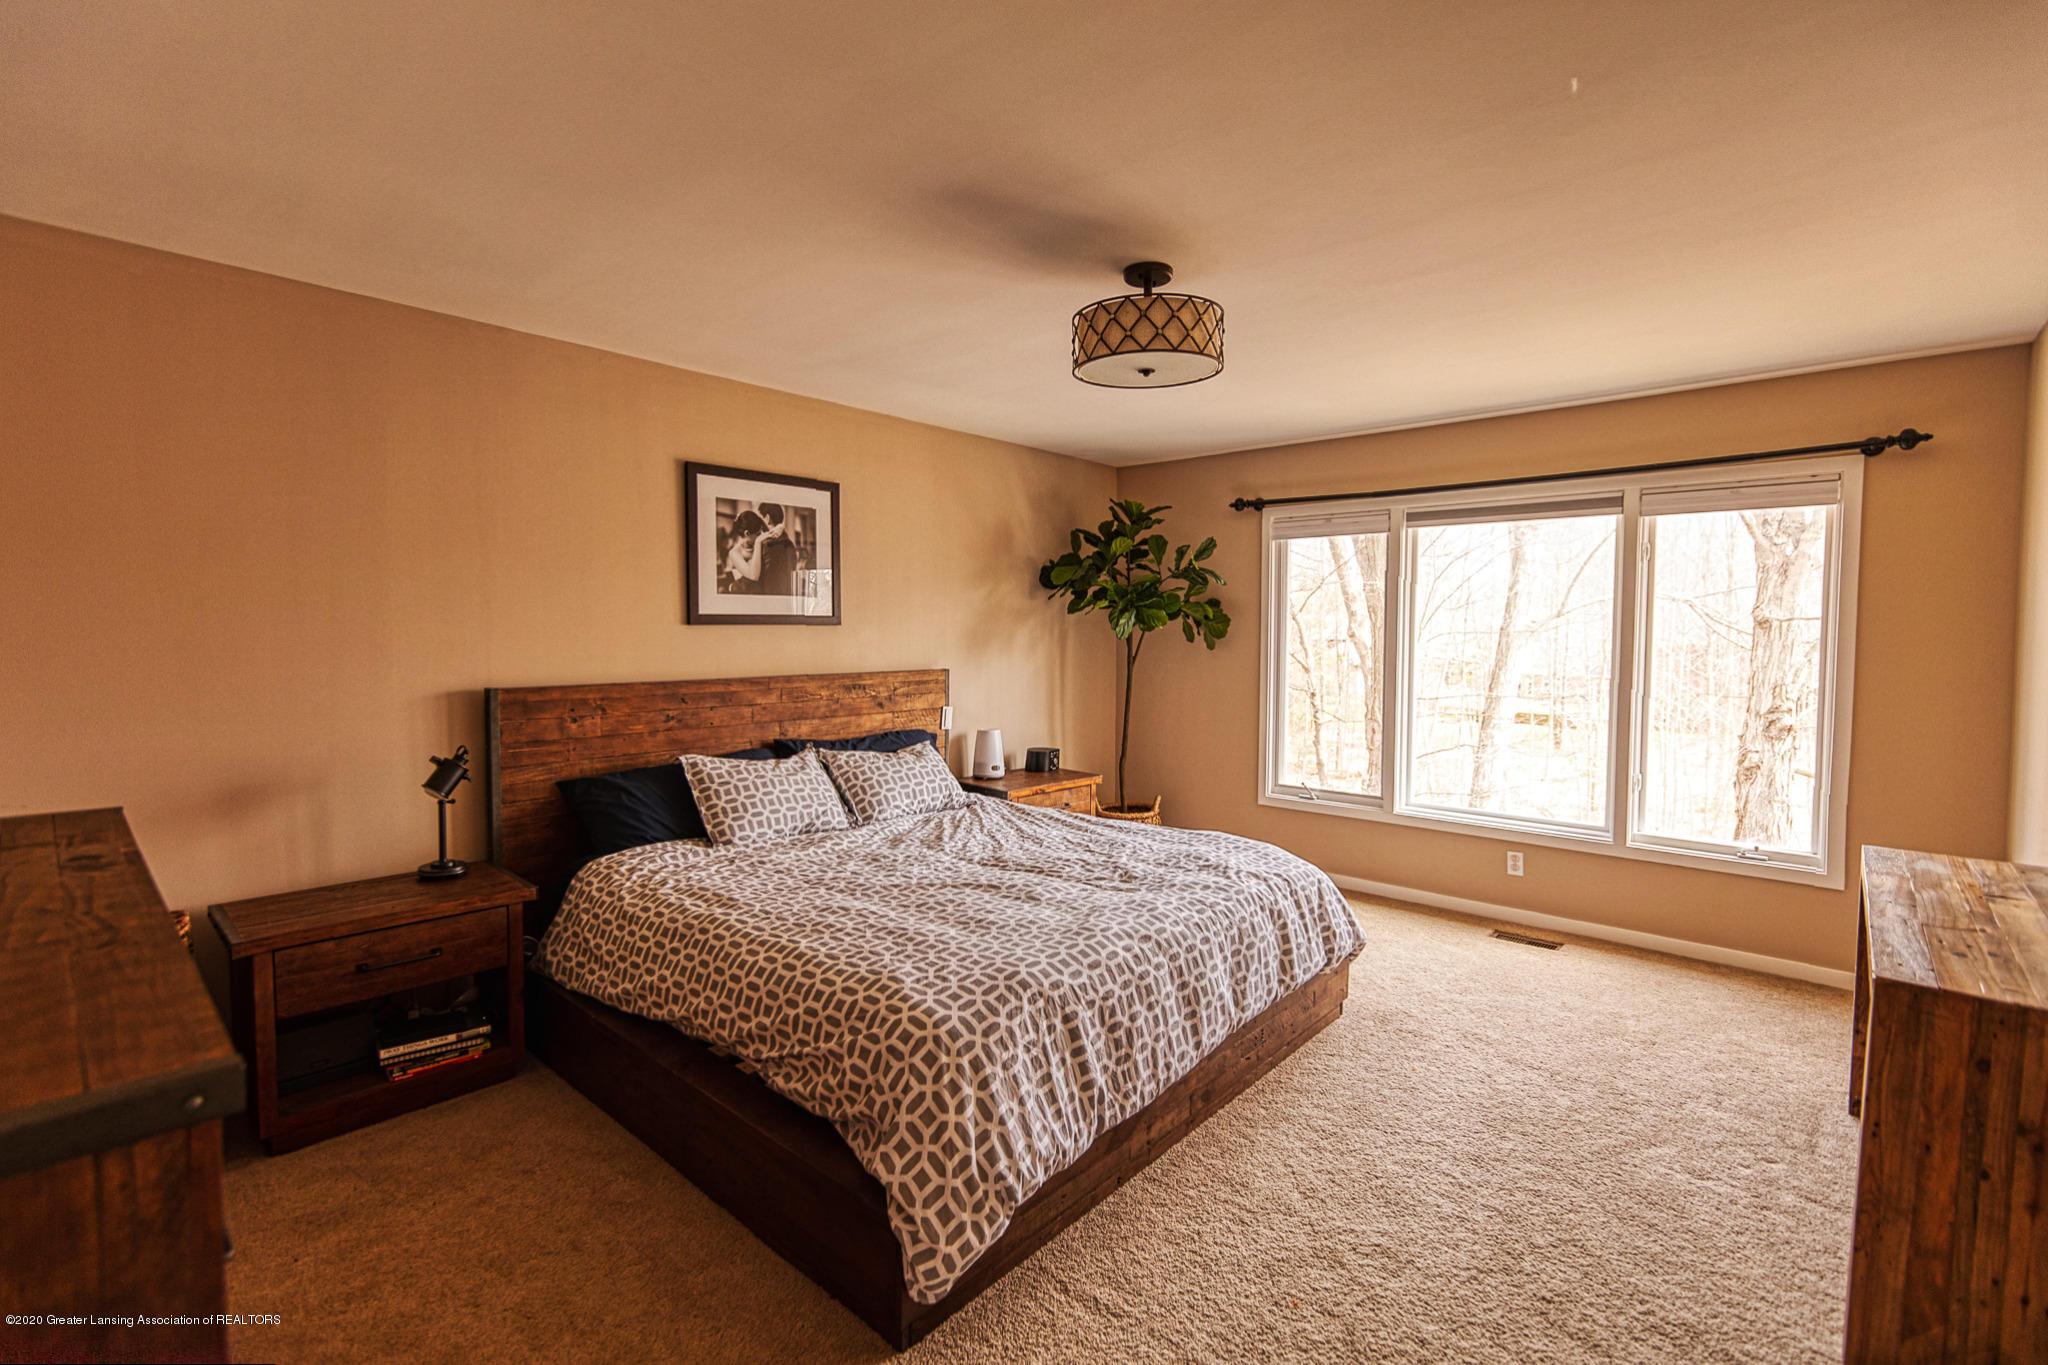 3668 Fairhills Dr - Bedroom 1 - 14